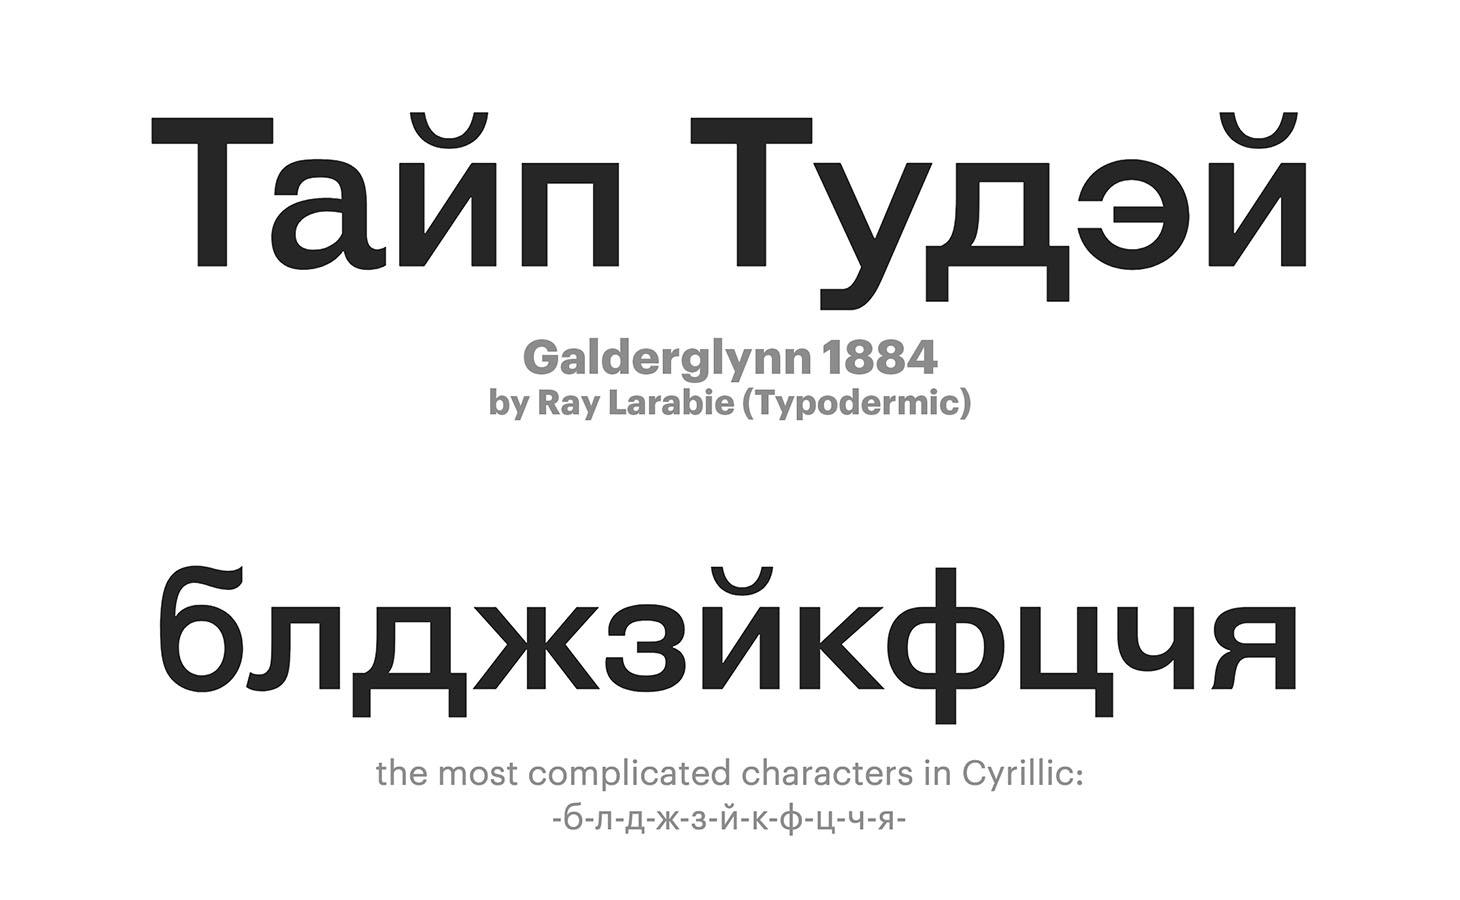 Galderglynn-1884